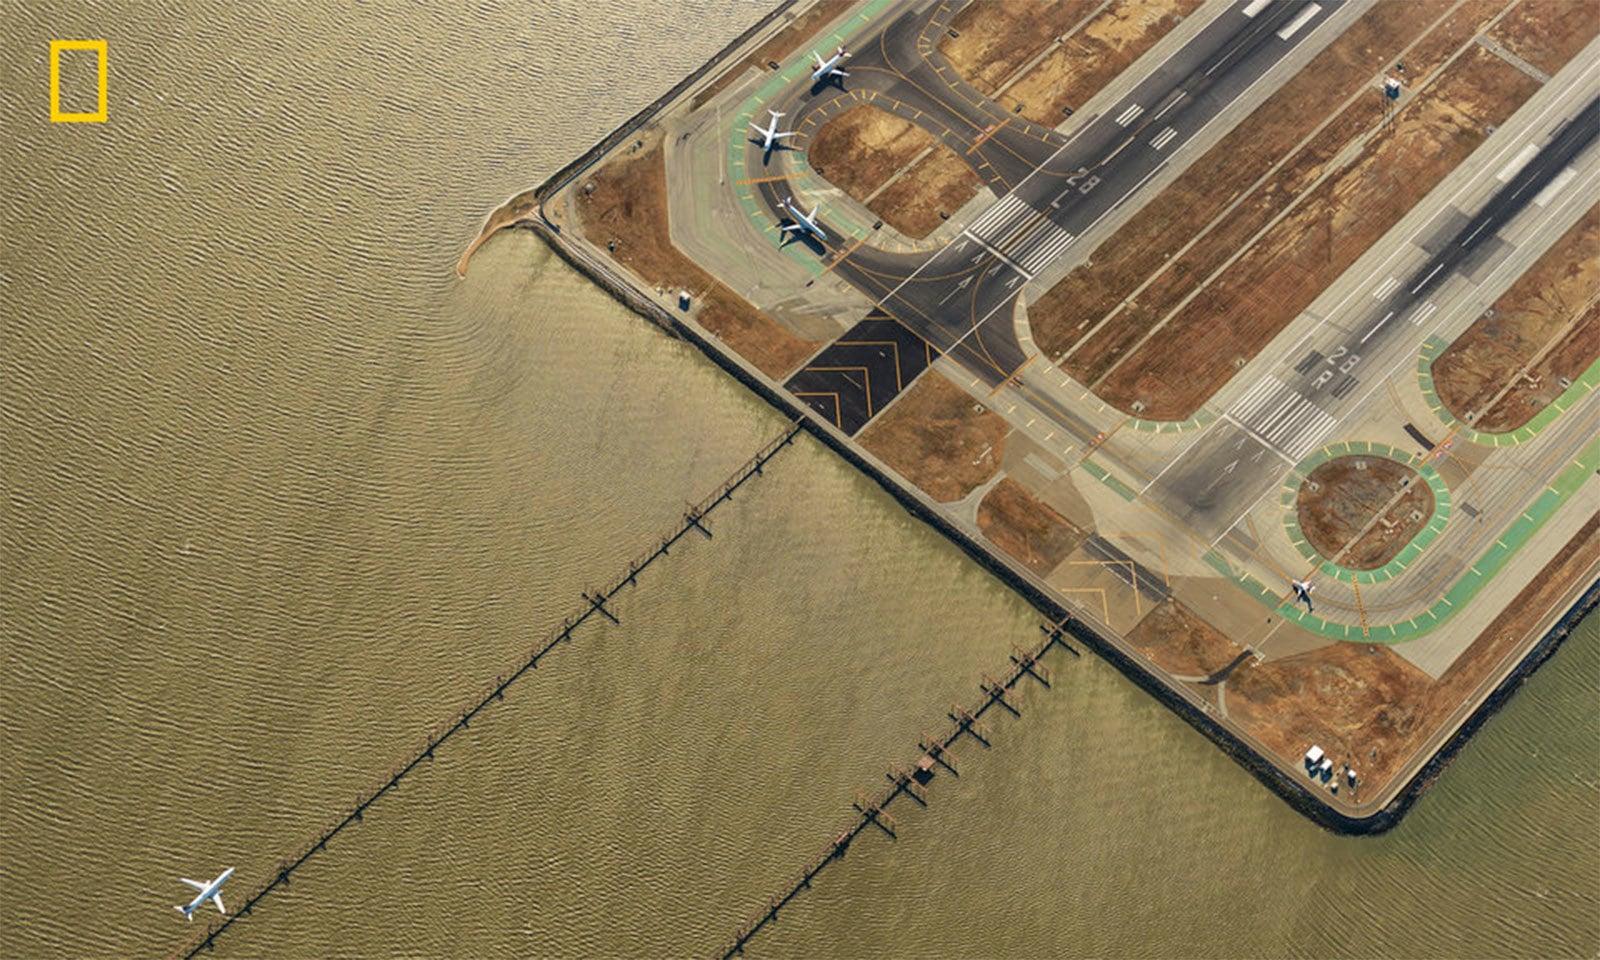 سان فرانسسکو ائیرپورٹ کی تصویر — فوٹو بشکریہ جیسن ٹوڈورو/نیشنل جیوگرافک